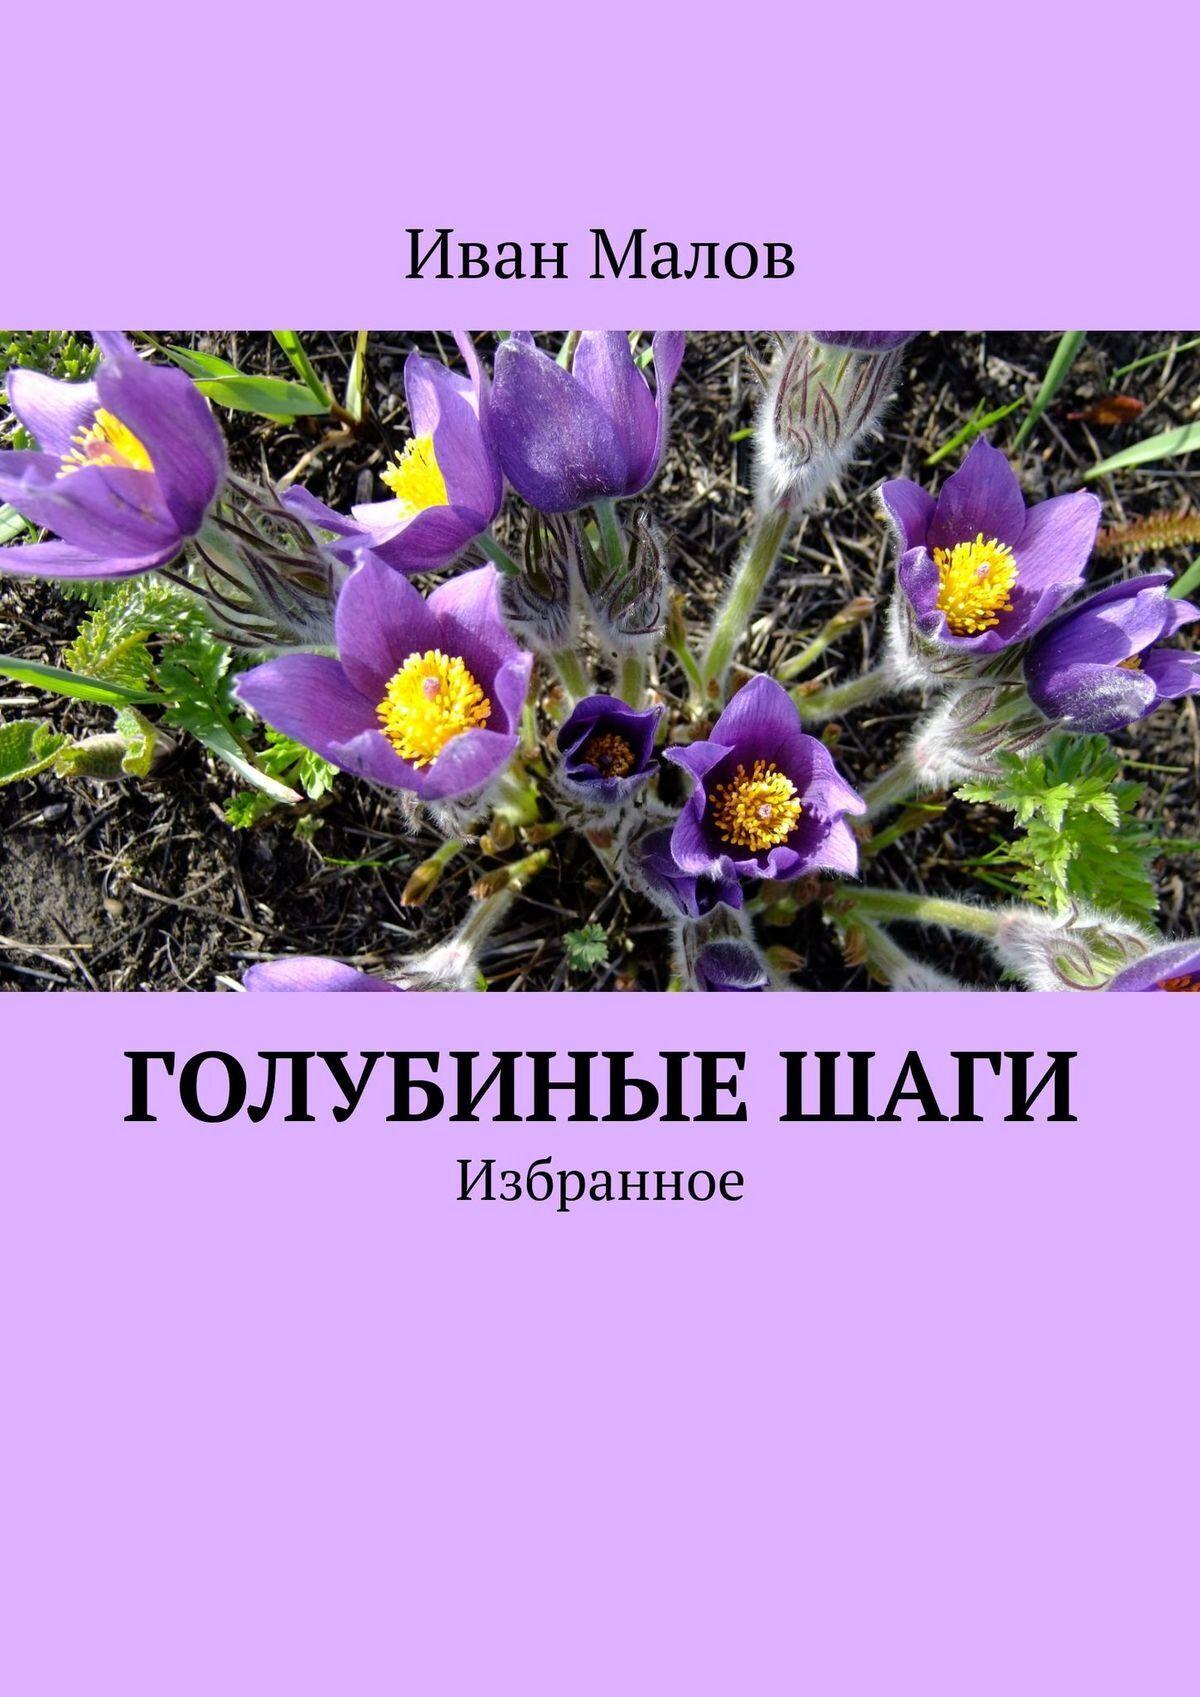 Иван МАЛОВ Голубиные шаги. ИЗБРАННОЕ цена 2017